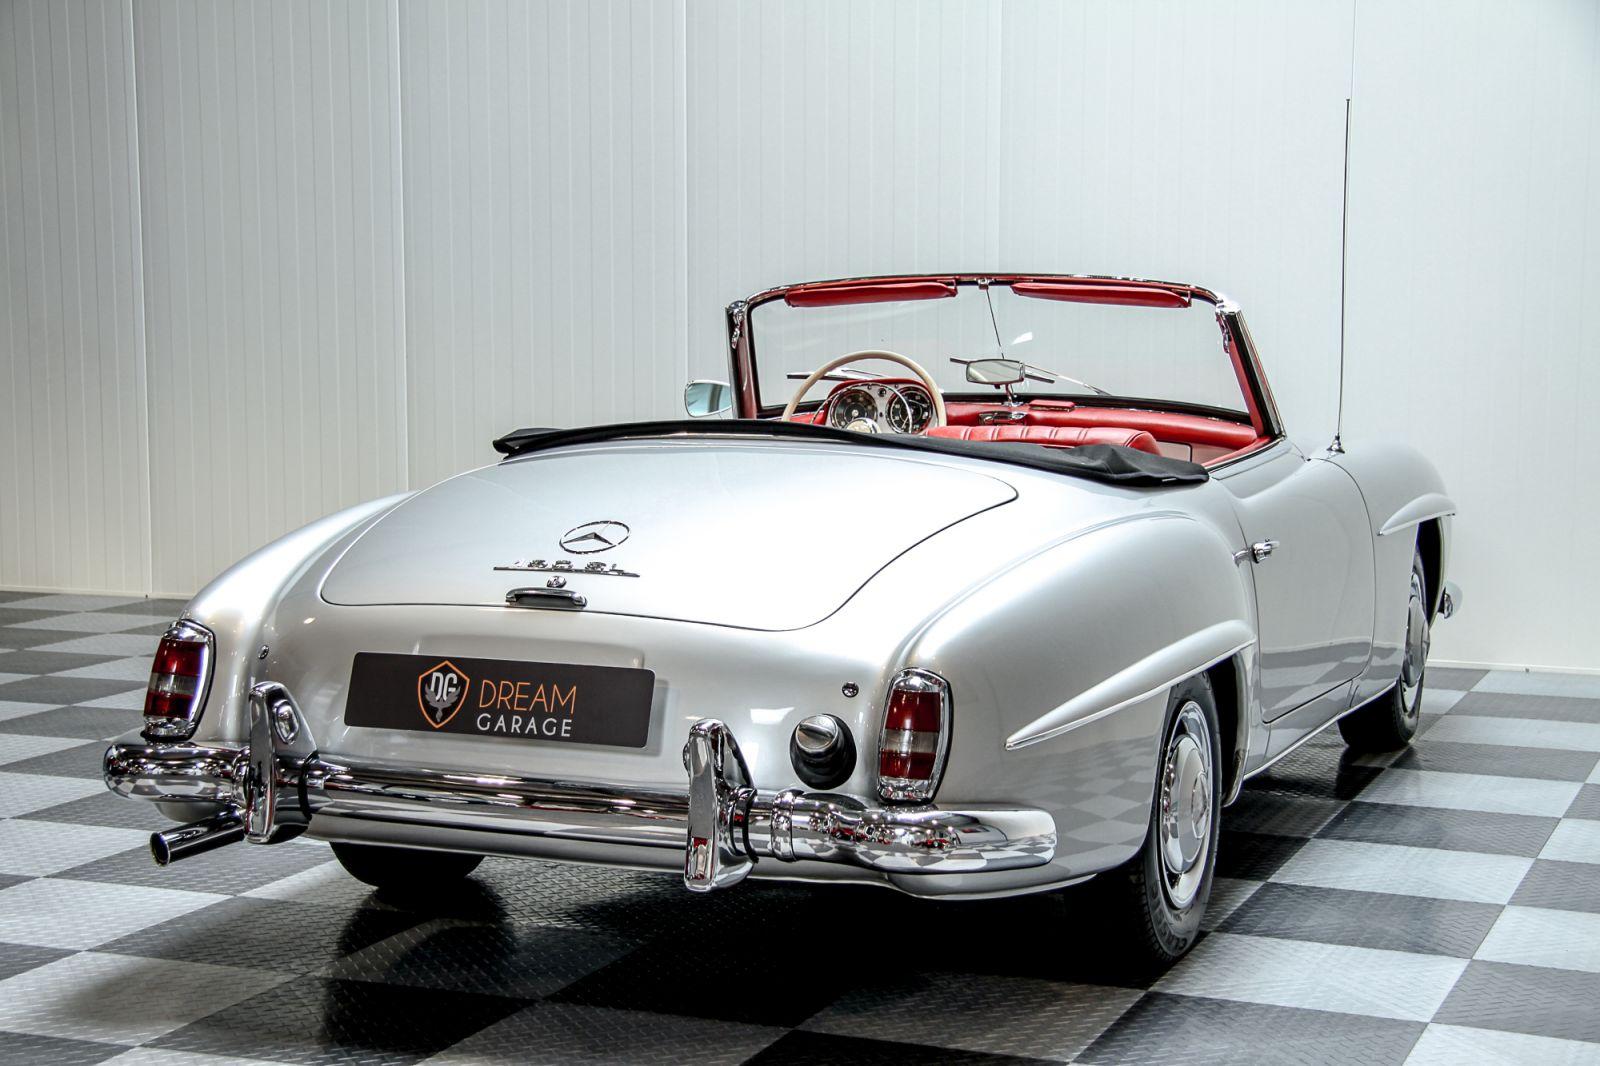 dream garage sold carsmercedes mercedes 190 sl. Black Bedroom Furniture Sets. Home Design Ideas